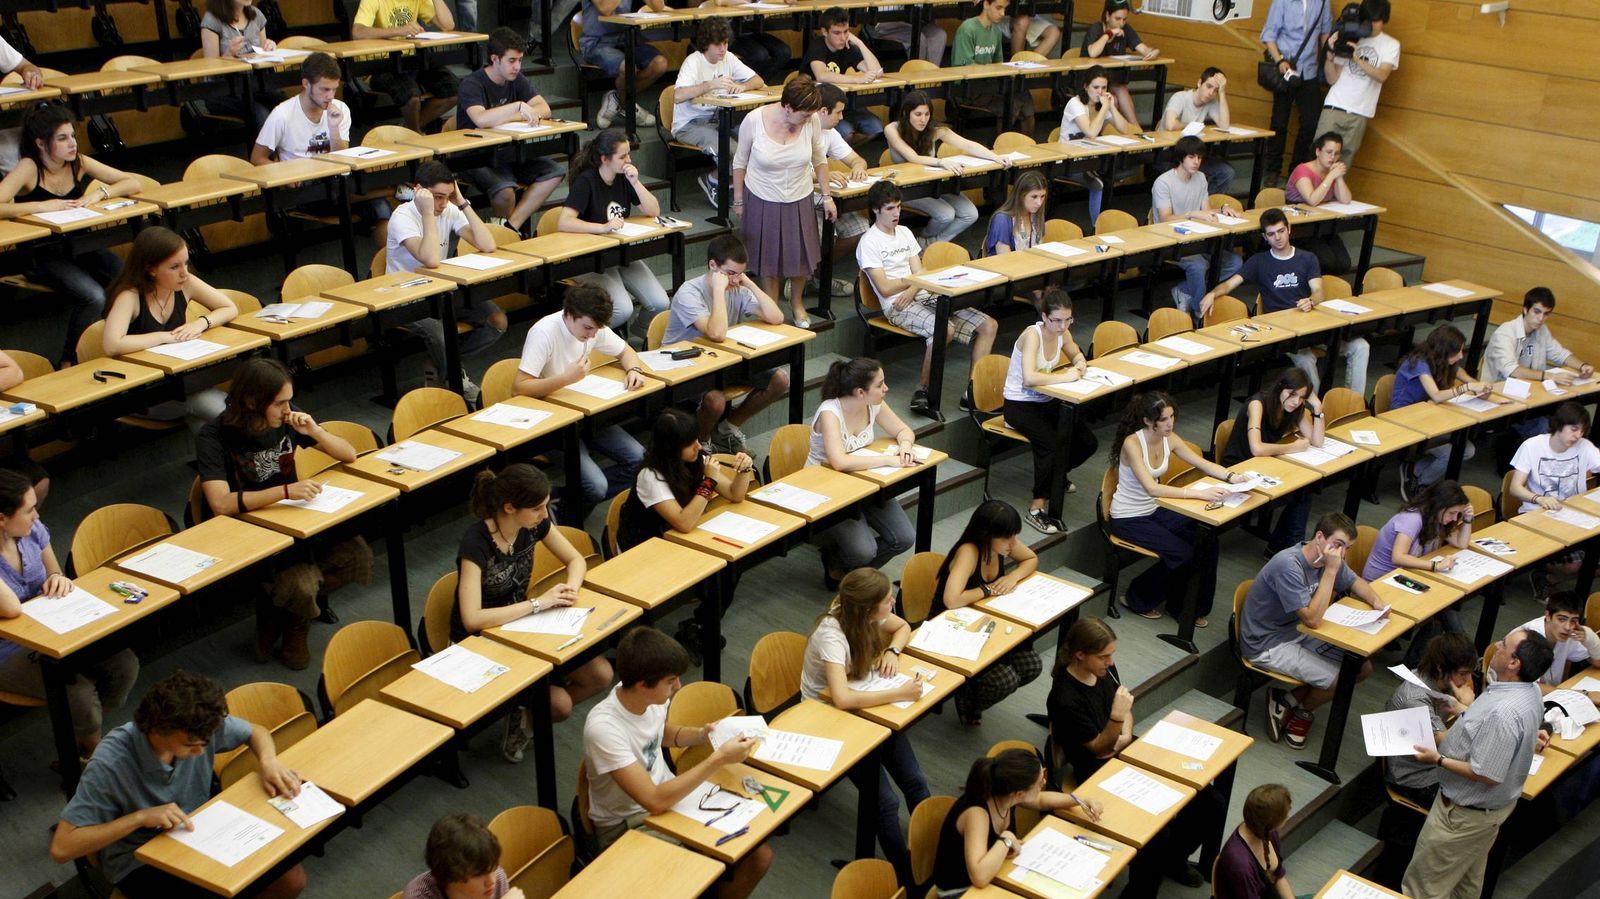 Foto: Cada año, más de un millón de nuevos alumnos llegan a las aulas universitarias españolas. (Efe/Sergio Barrenechea)